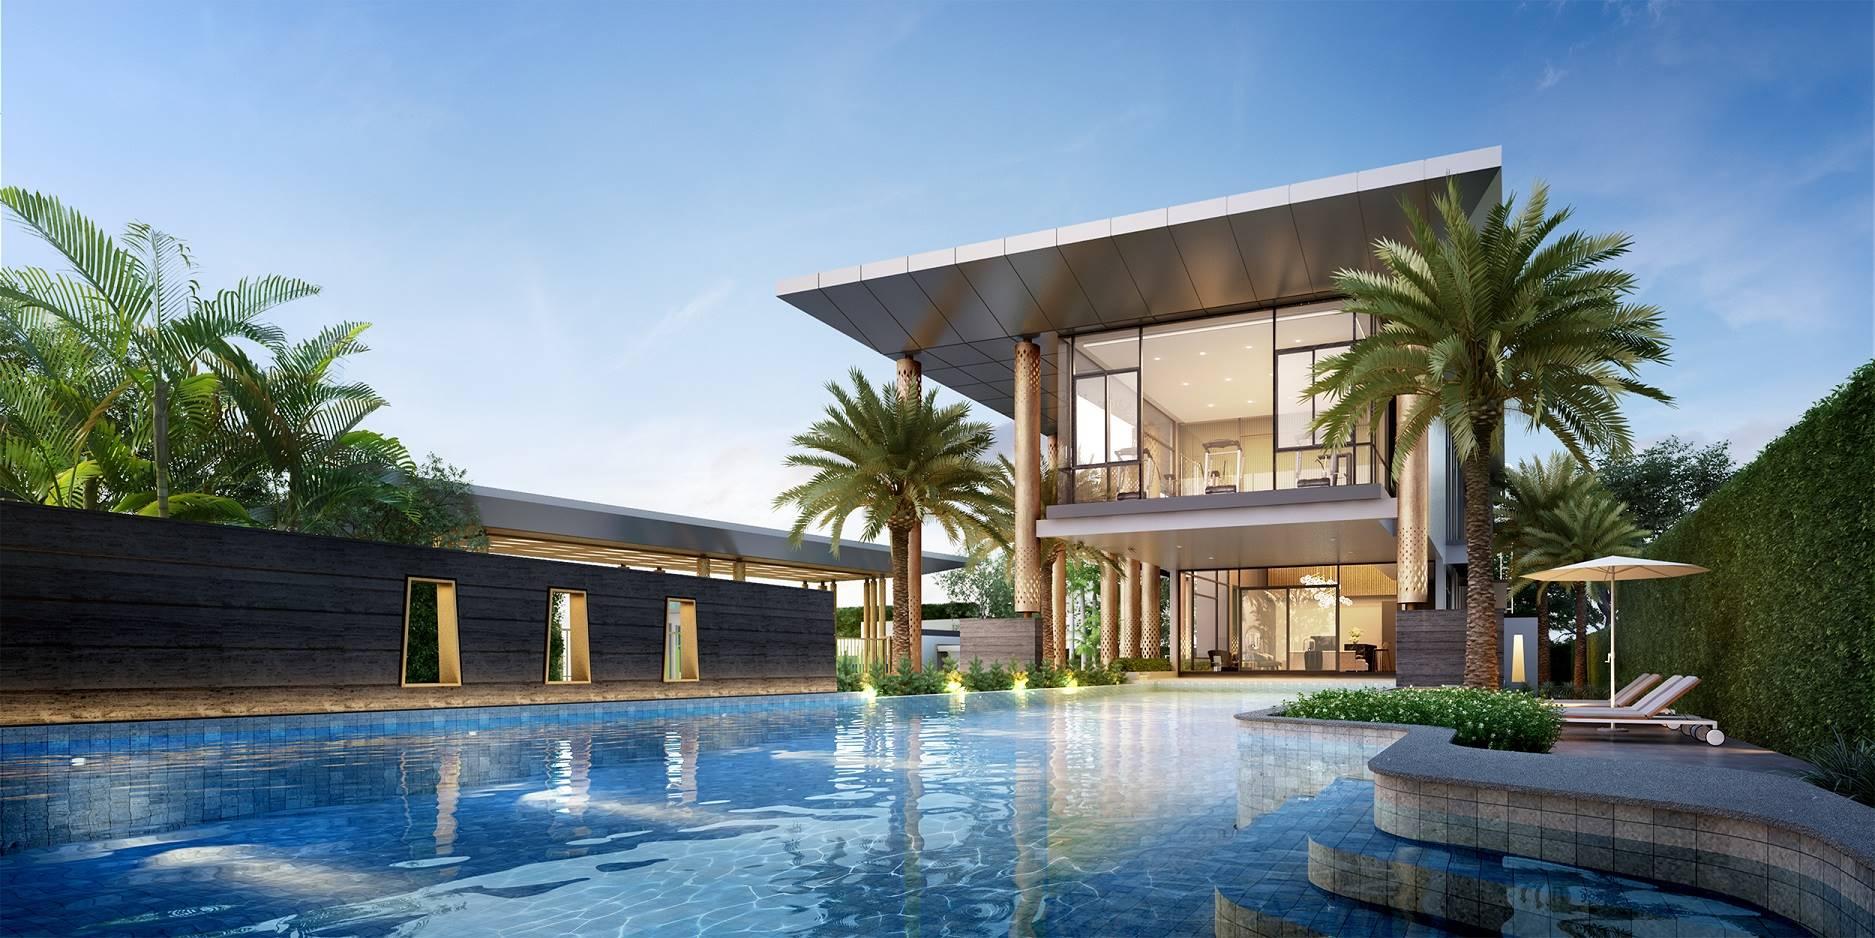 พฤกษาฯตุนที่ดินกว่า400ไร่เปิดศึกตลาดบ้านกรุงเทพฯตะวันออก | Prop2Morrow บ้าน คอนโด ข่าวอสังหาฯ